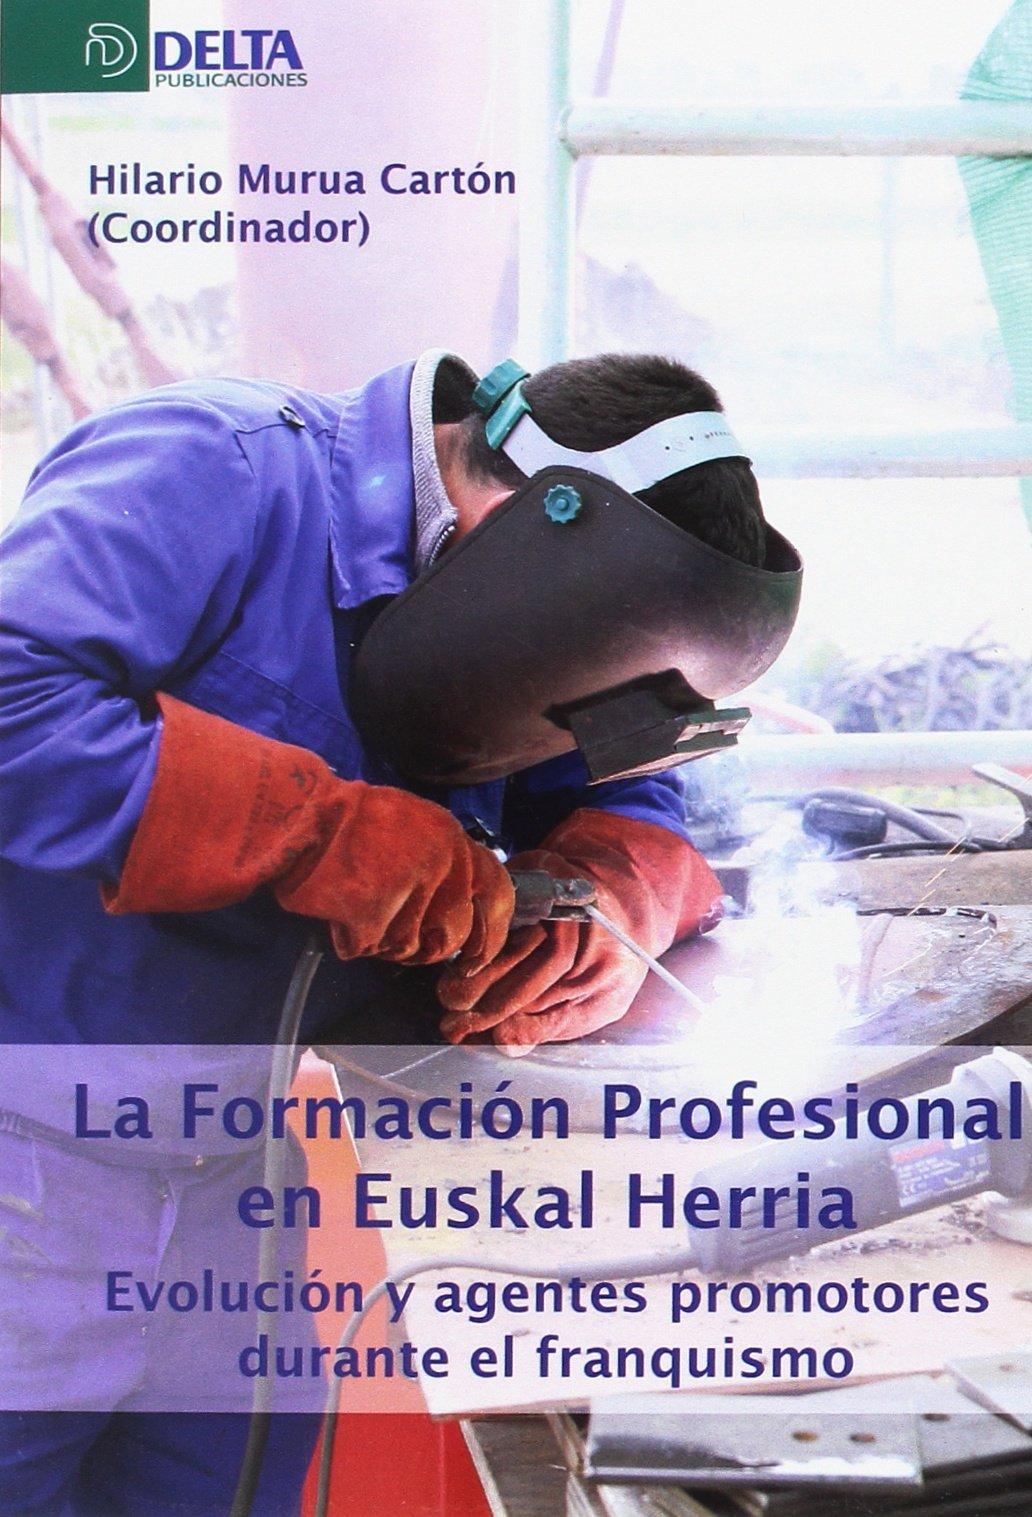 La formación profesional en Euskal Herria: Evolución y agentes promotores durante el franquismo: Amazon.es: Hilario Murua cartón: Libros